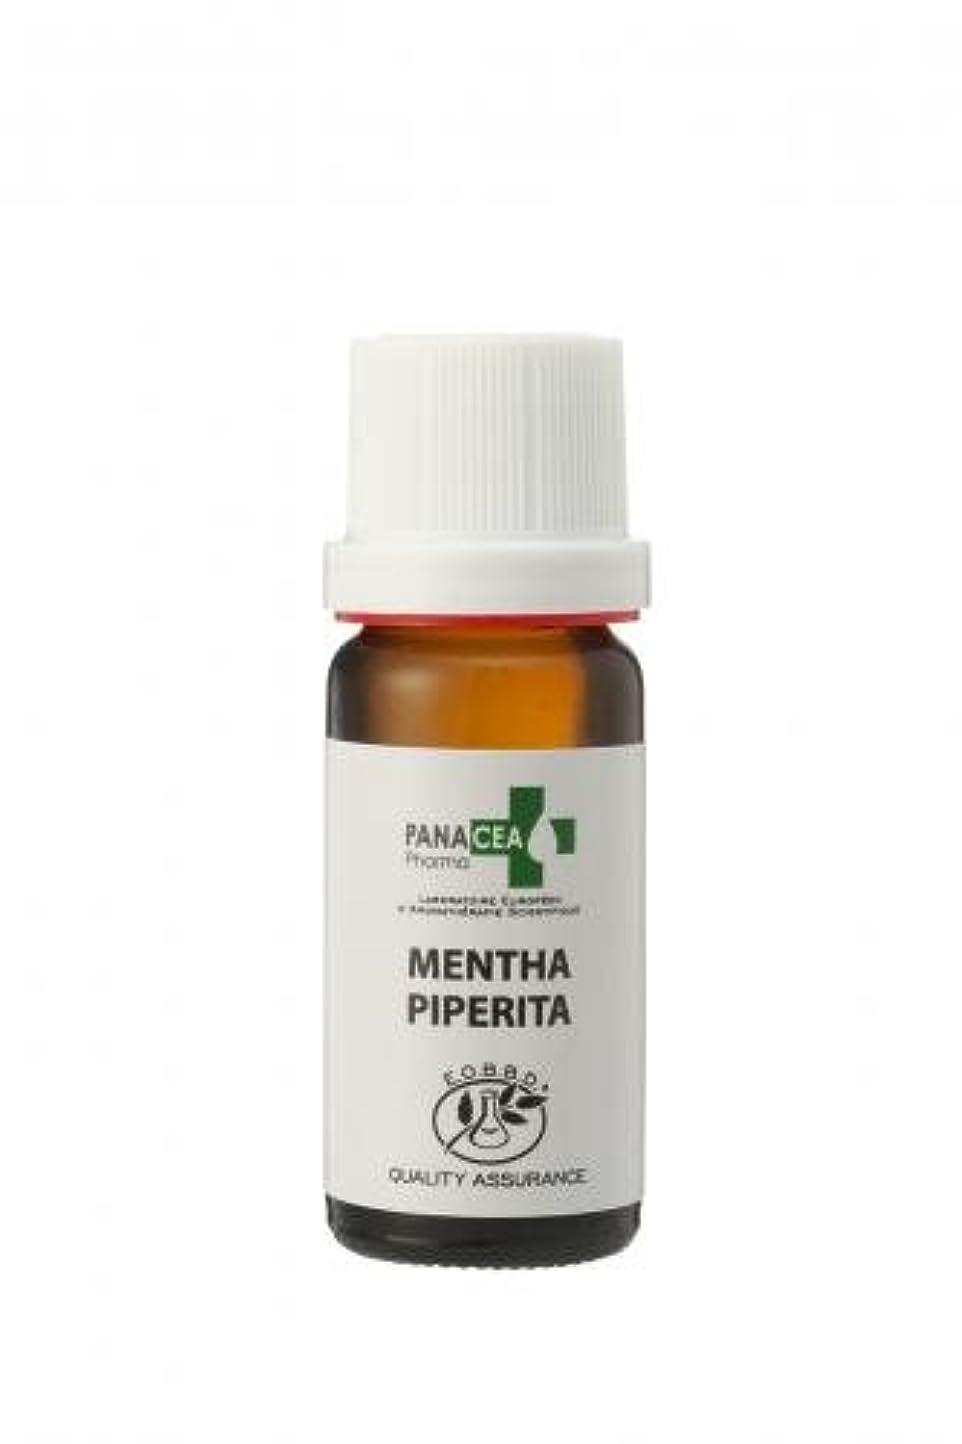 中古競争力のあるフクロウペパーミント (Mentha piperita) 10ml エッセンシャルオイル PANACEA PHARMA パナセア ファルマ